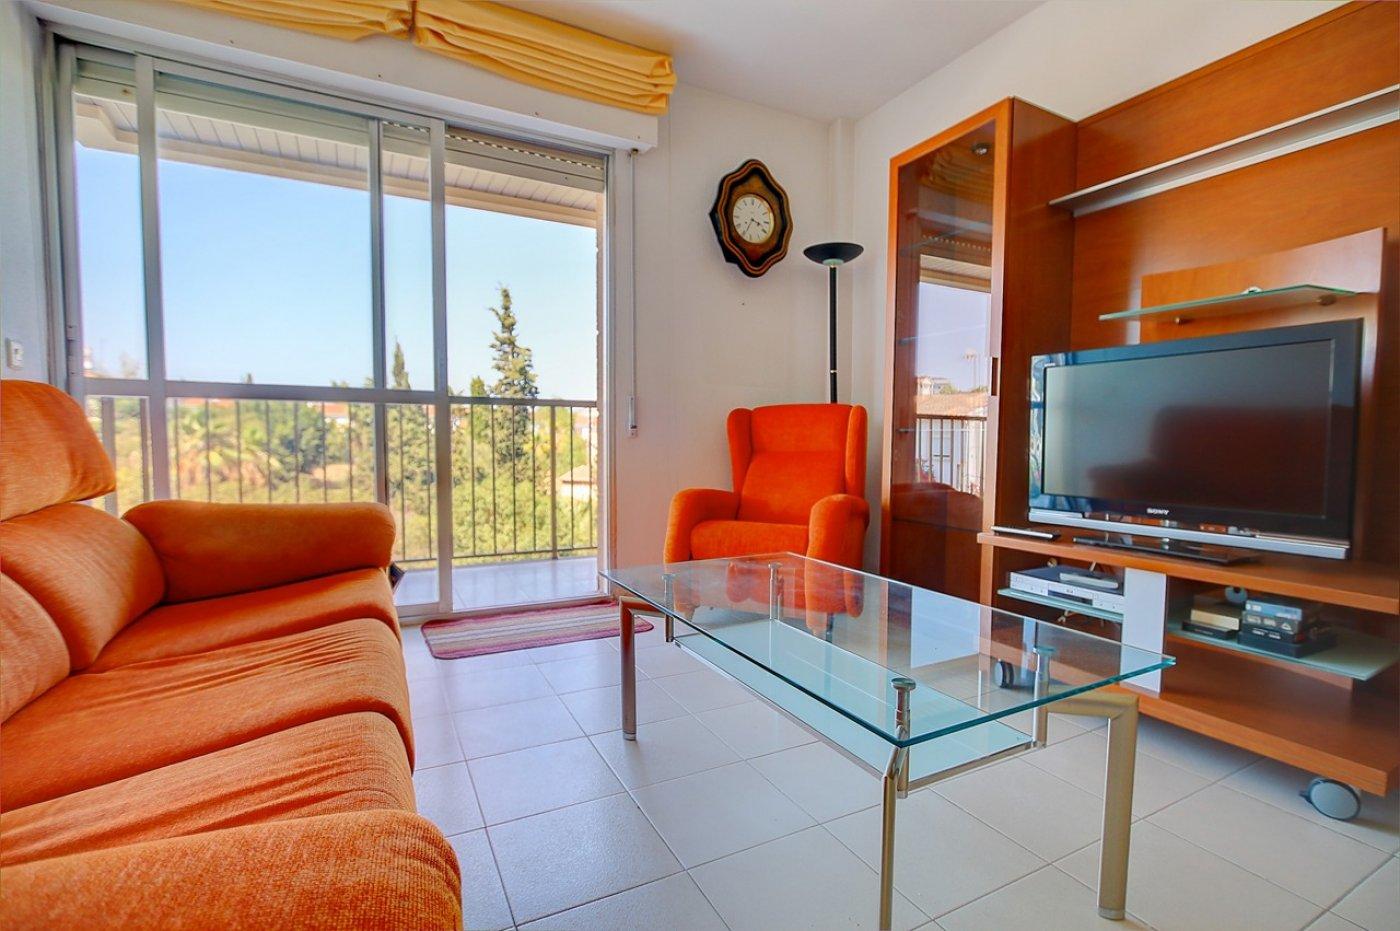 Piso · Palma De Mallorca · Son Dameto 800€ MES€